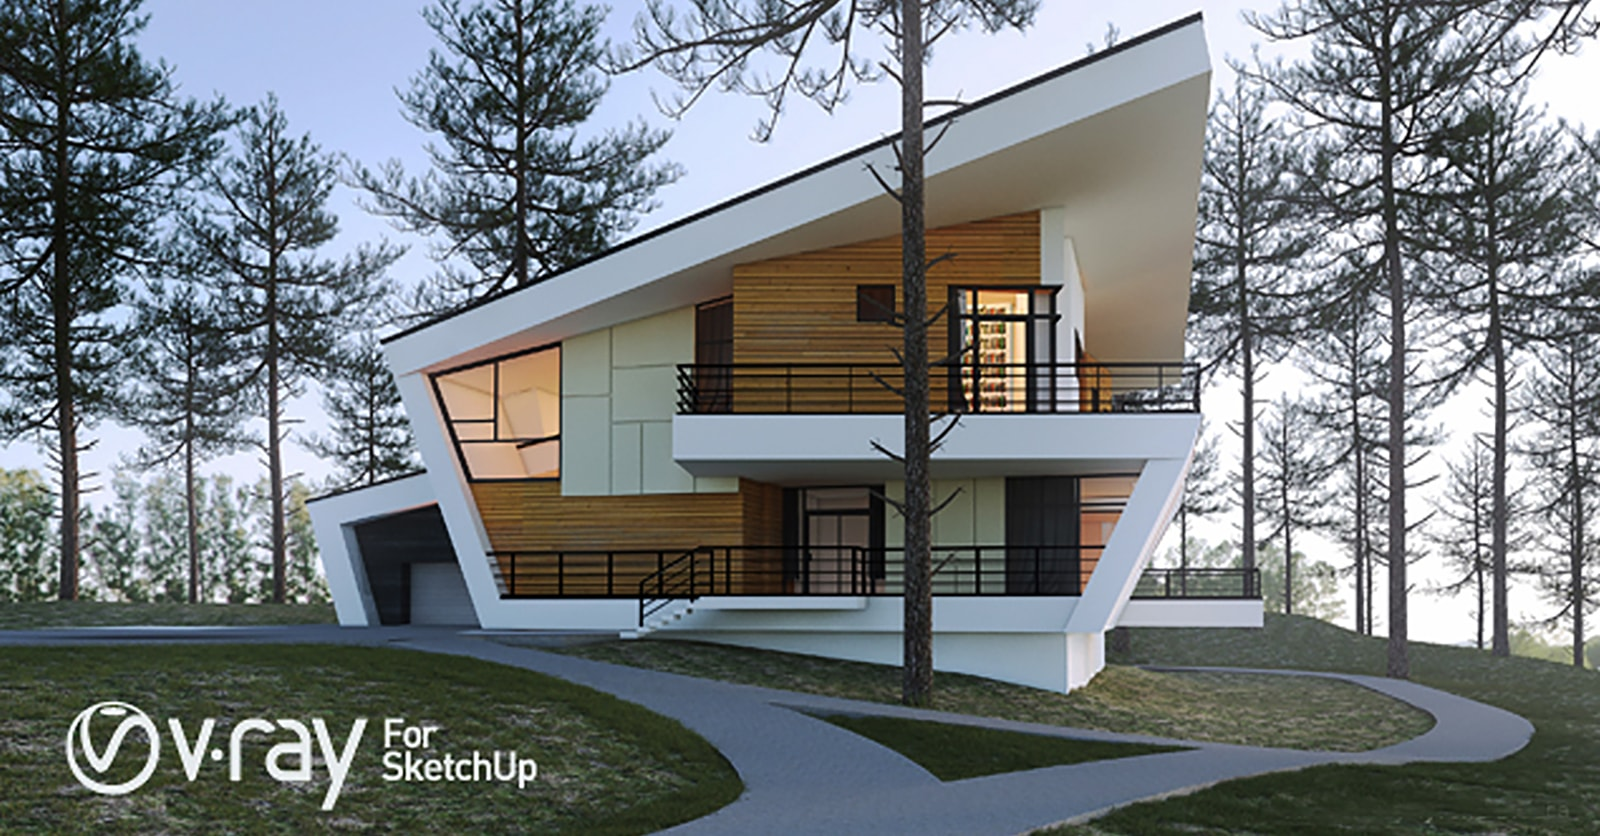 SketchUp 4mgroup 06 1600x836